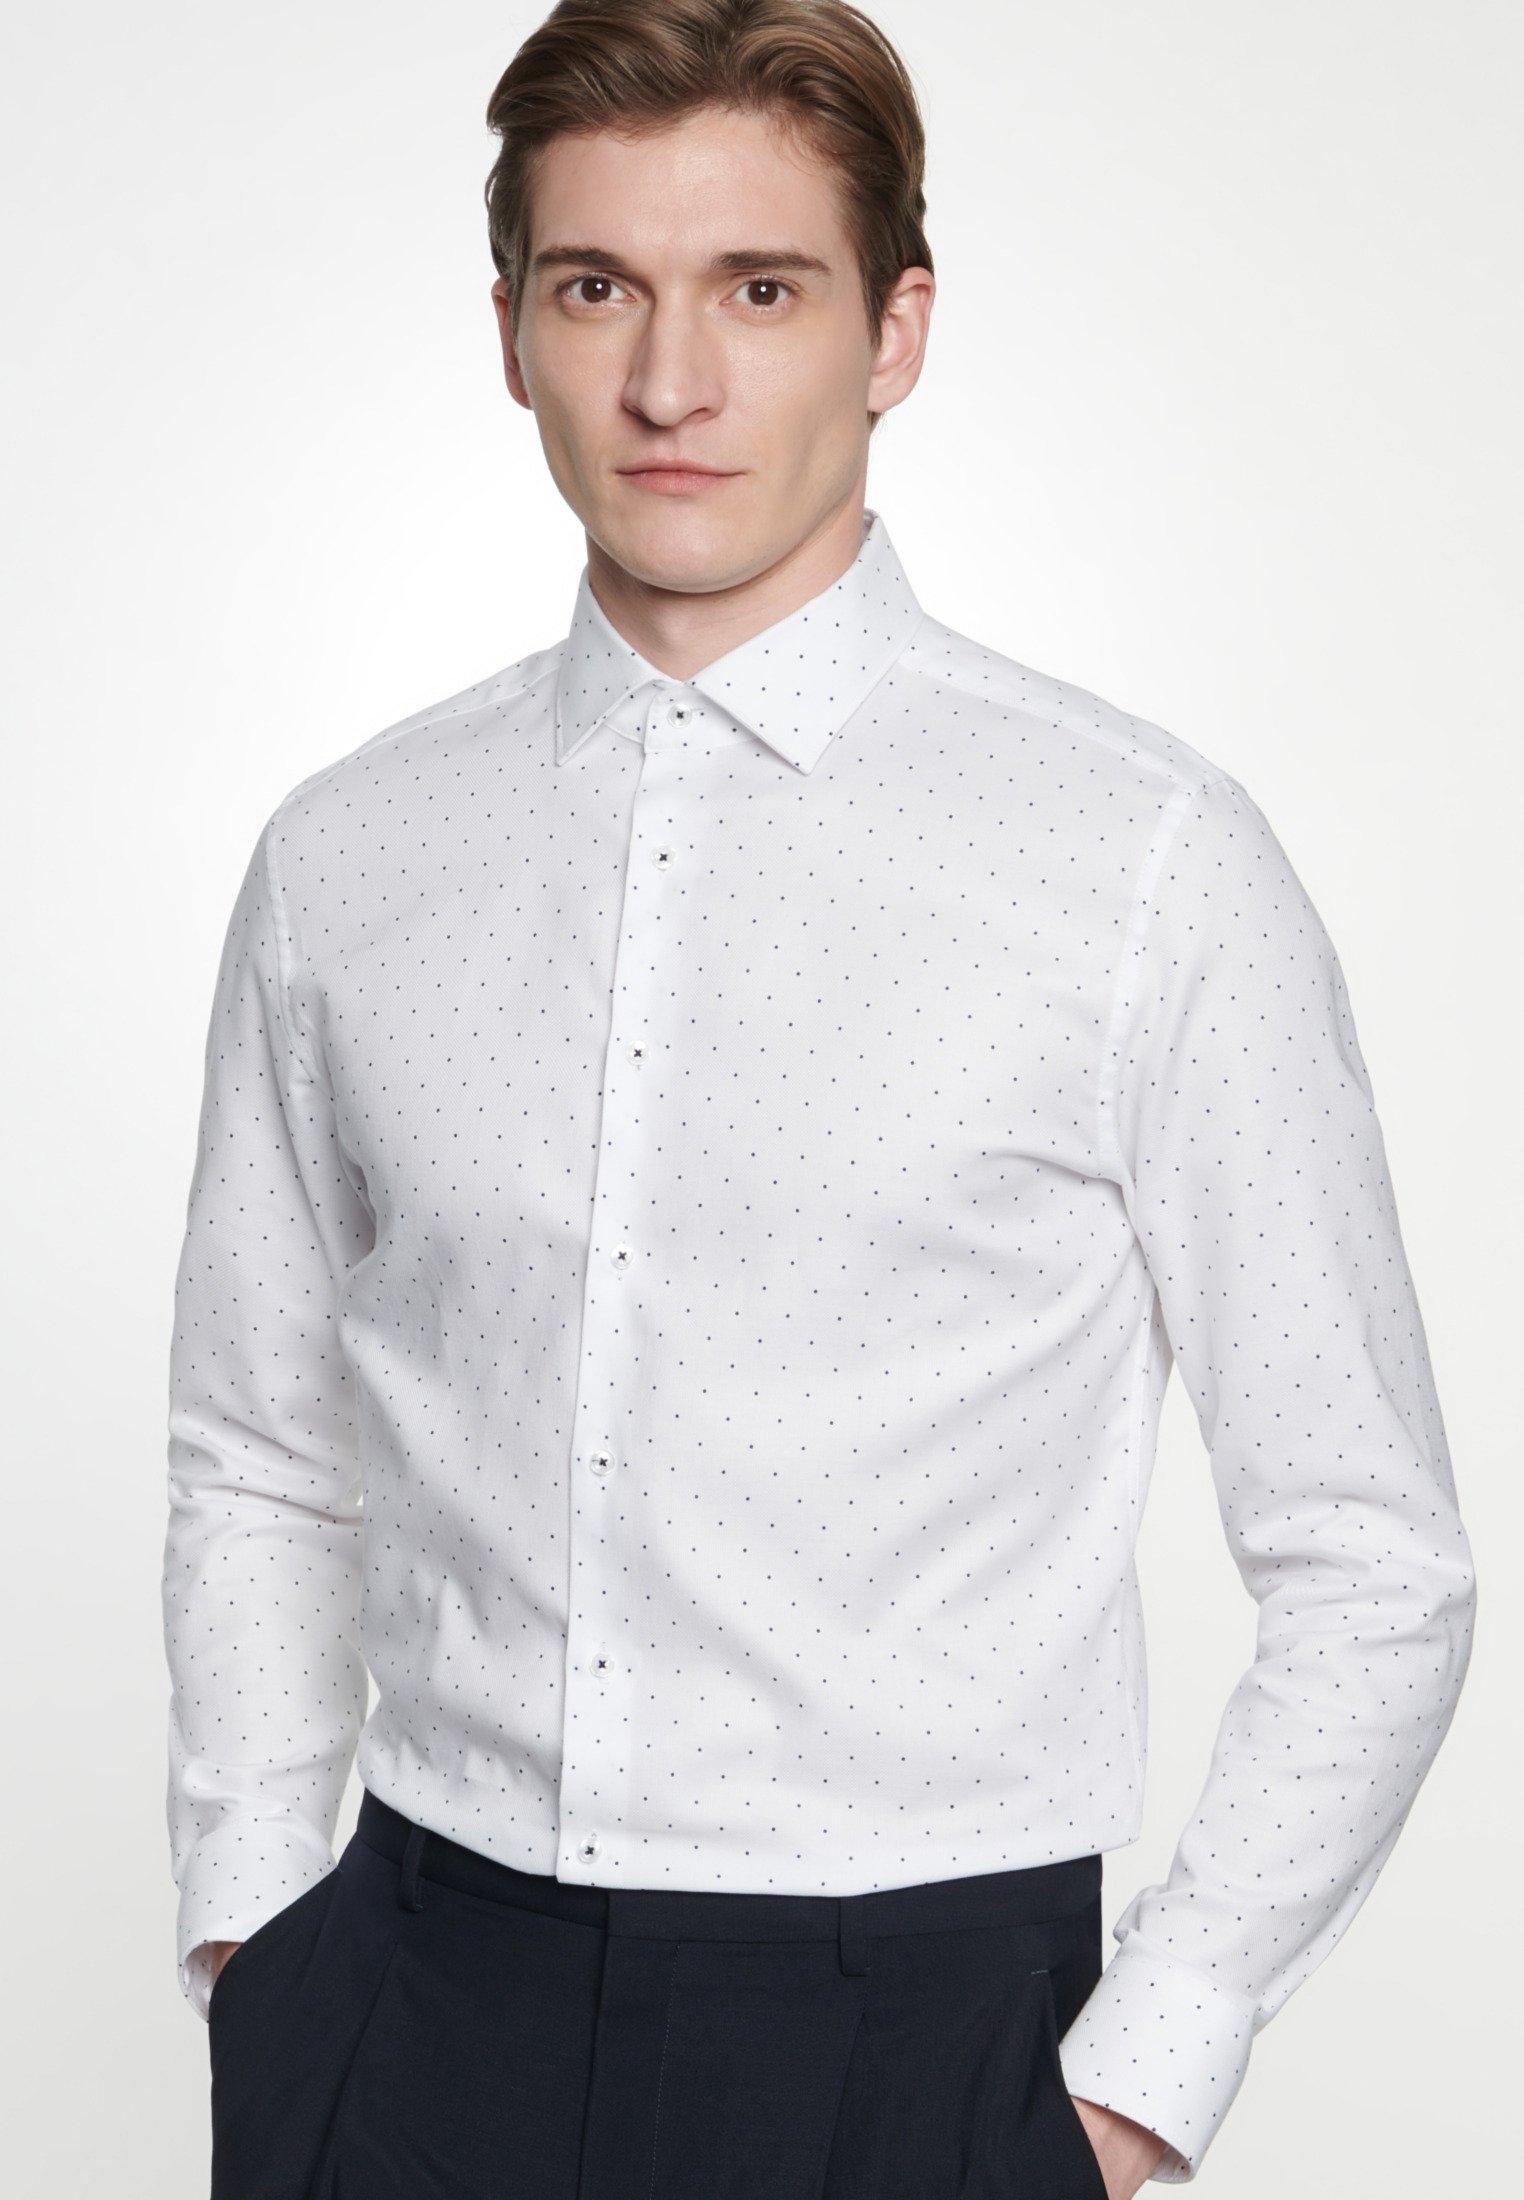 seidensticker businessoverhemd »Slim« nu online kopen bij OTTO